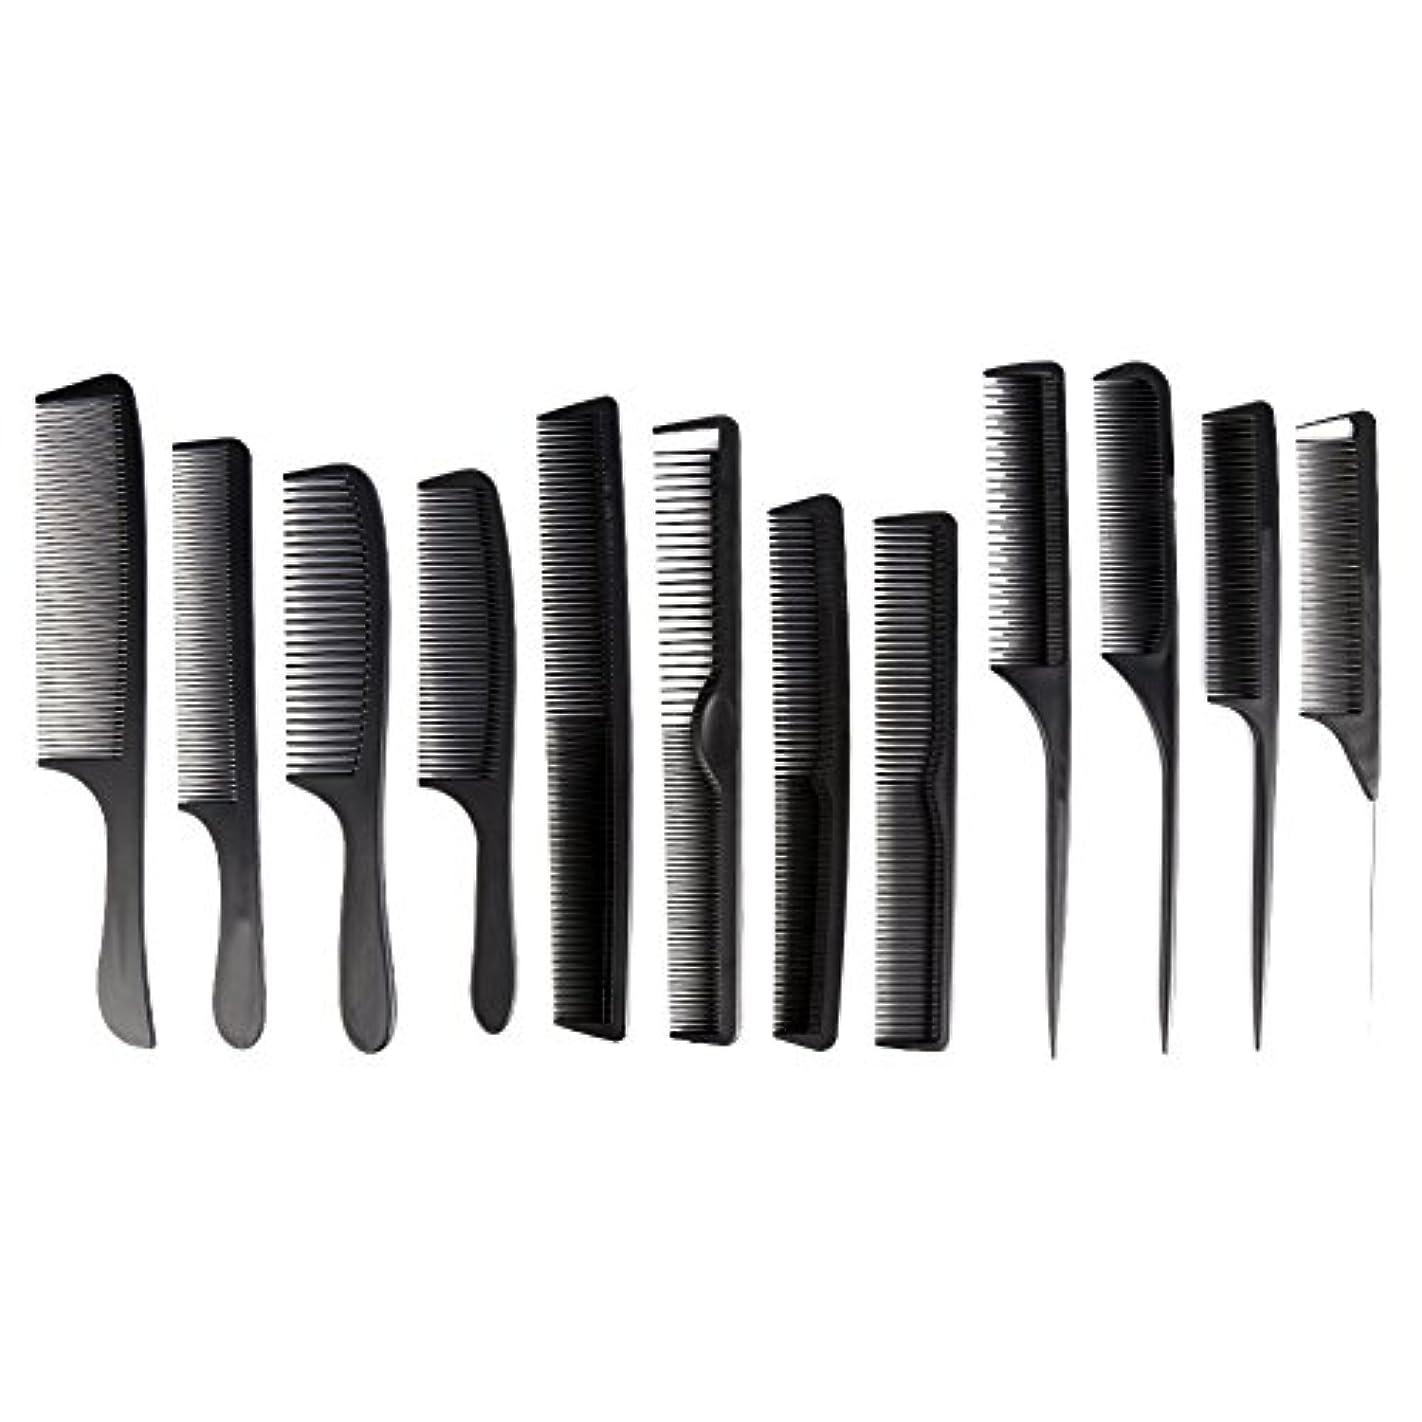 道路を作るプロセスシェルタークアッガカットコーム 散髪用コーム コームセット12点セット プロ用ヘアコーム  静電気減少 軽量 サロン/美容室/床屋など適用